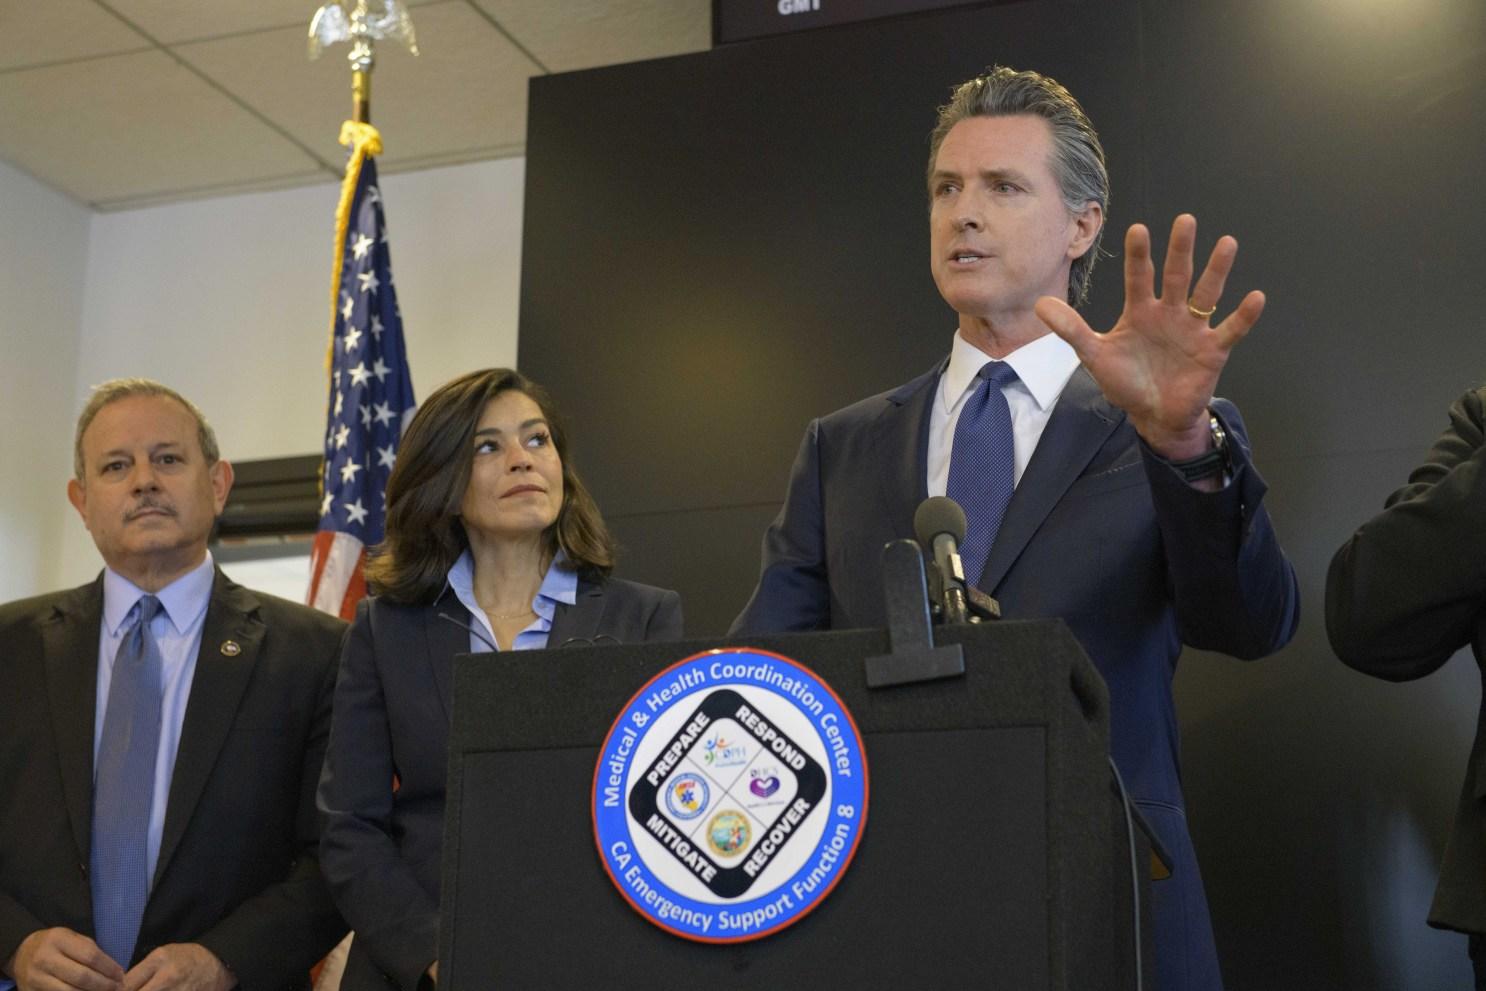 加州州长驳回圣地亚哥重启经济请求